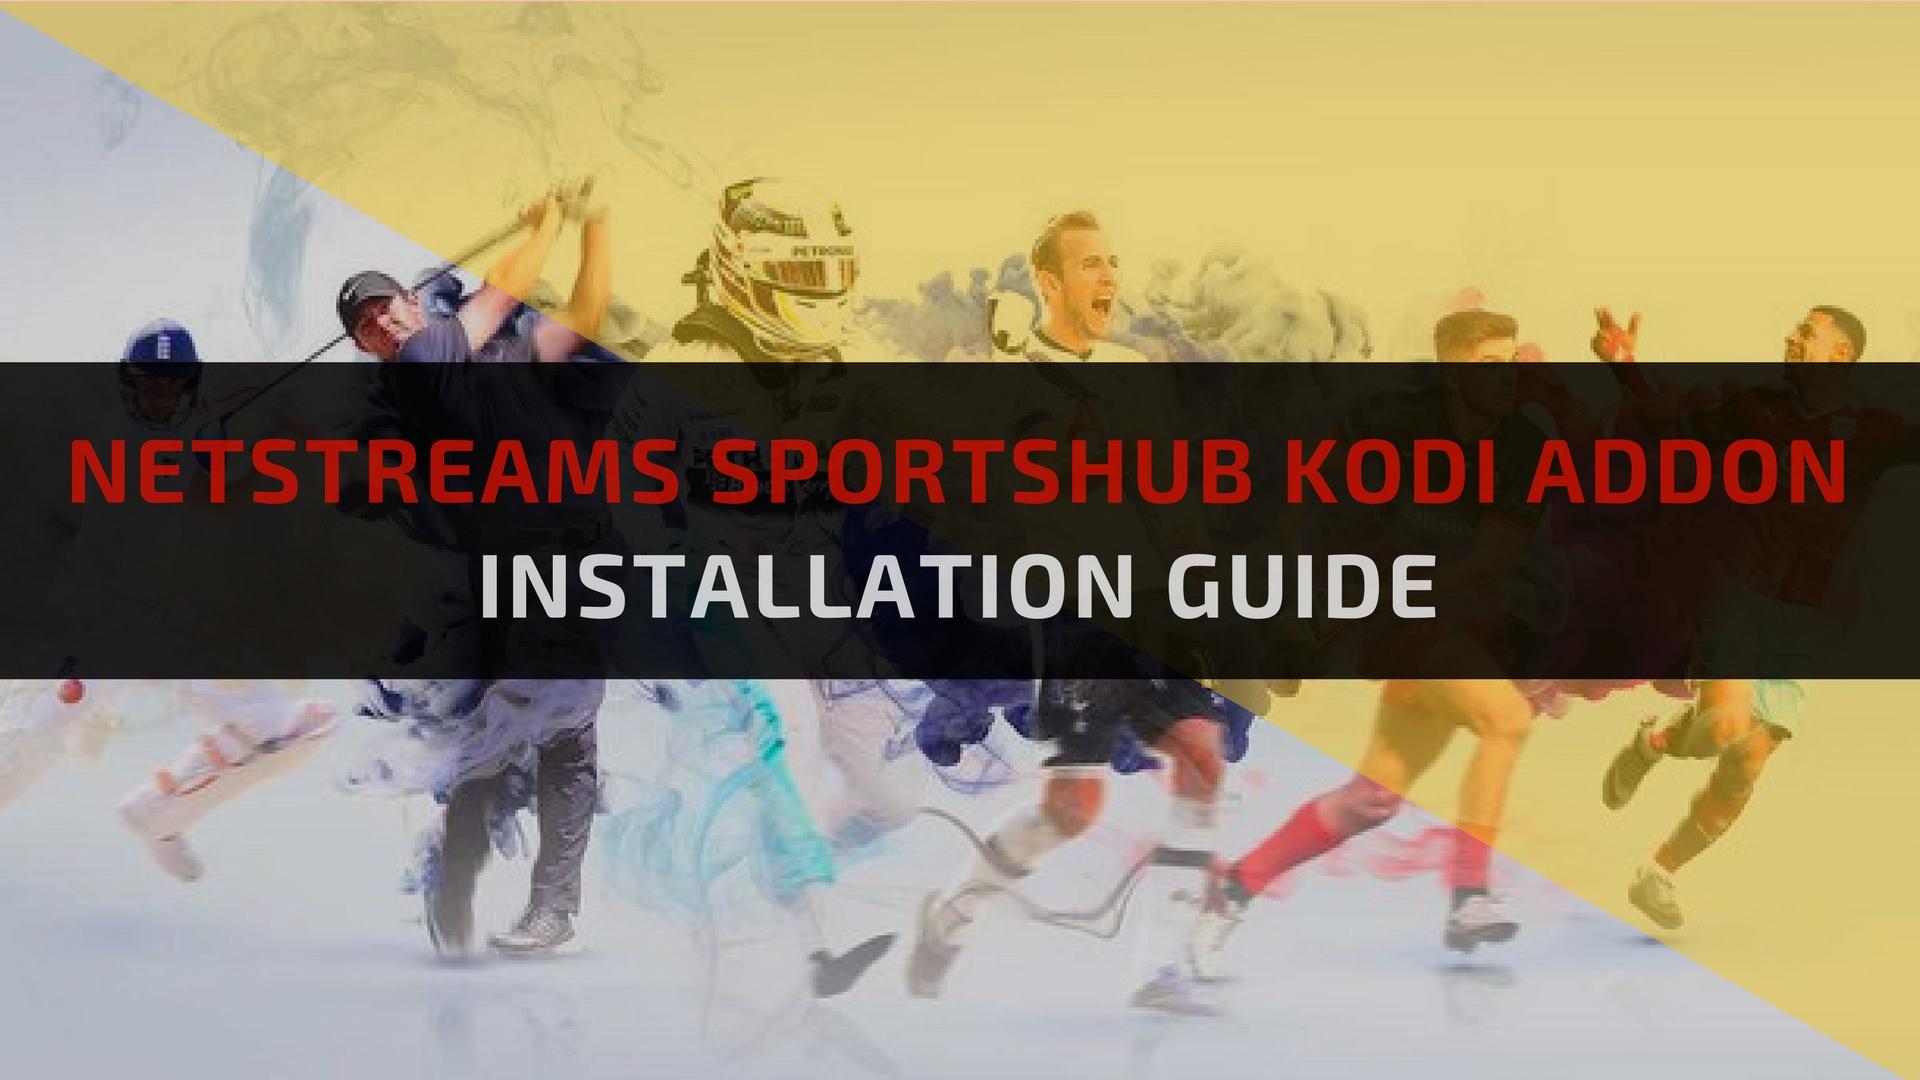 NetStreams SportsHub Kodi Addon - Installation Guide | TechNadu